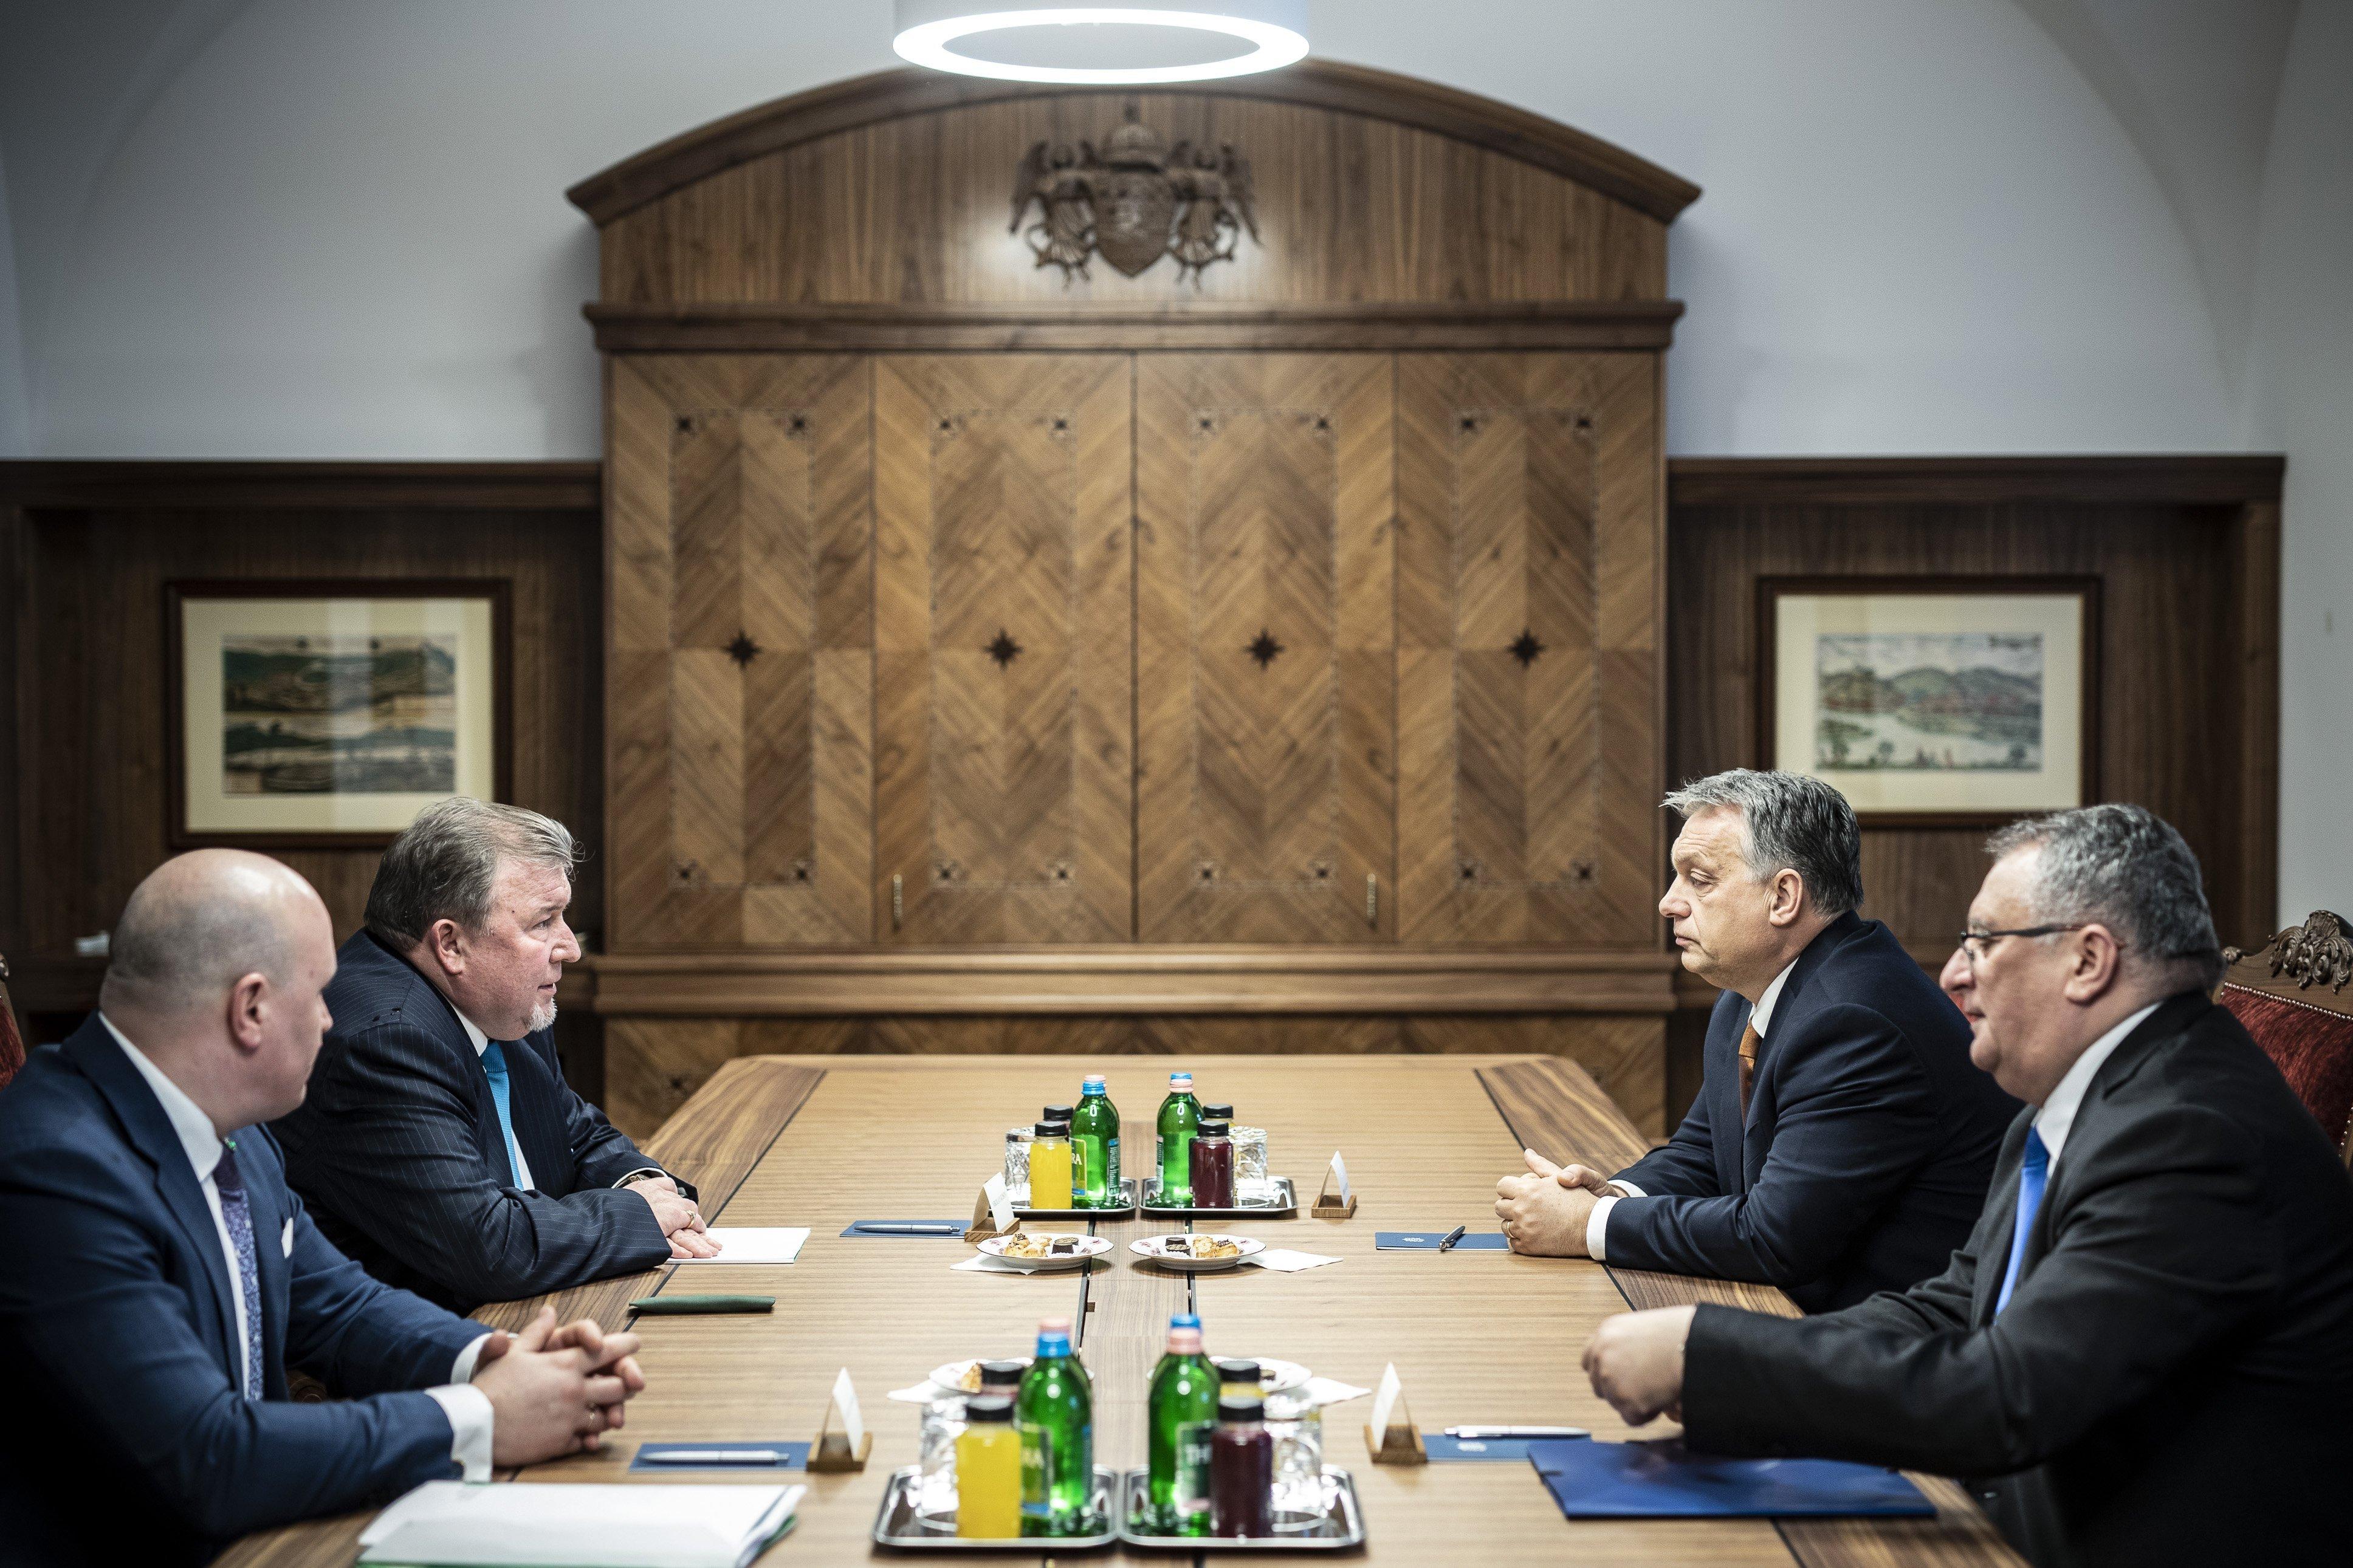 Gyorsan aktivizálódik az orosz vezetésű bank Budapesten, hiába van miatta nemzetközi idegeskedés